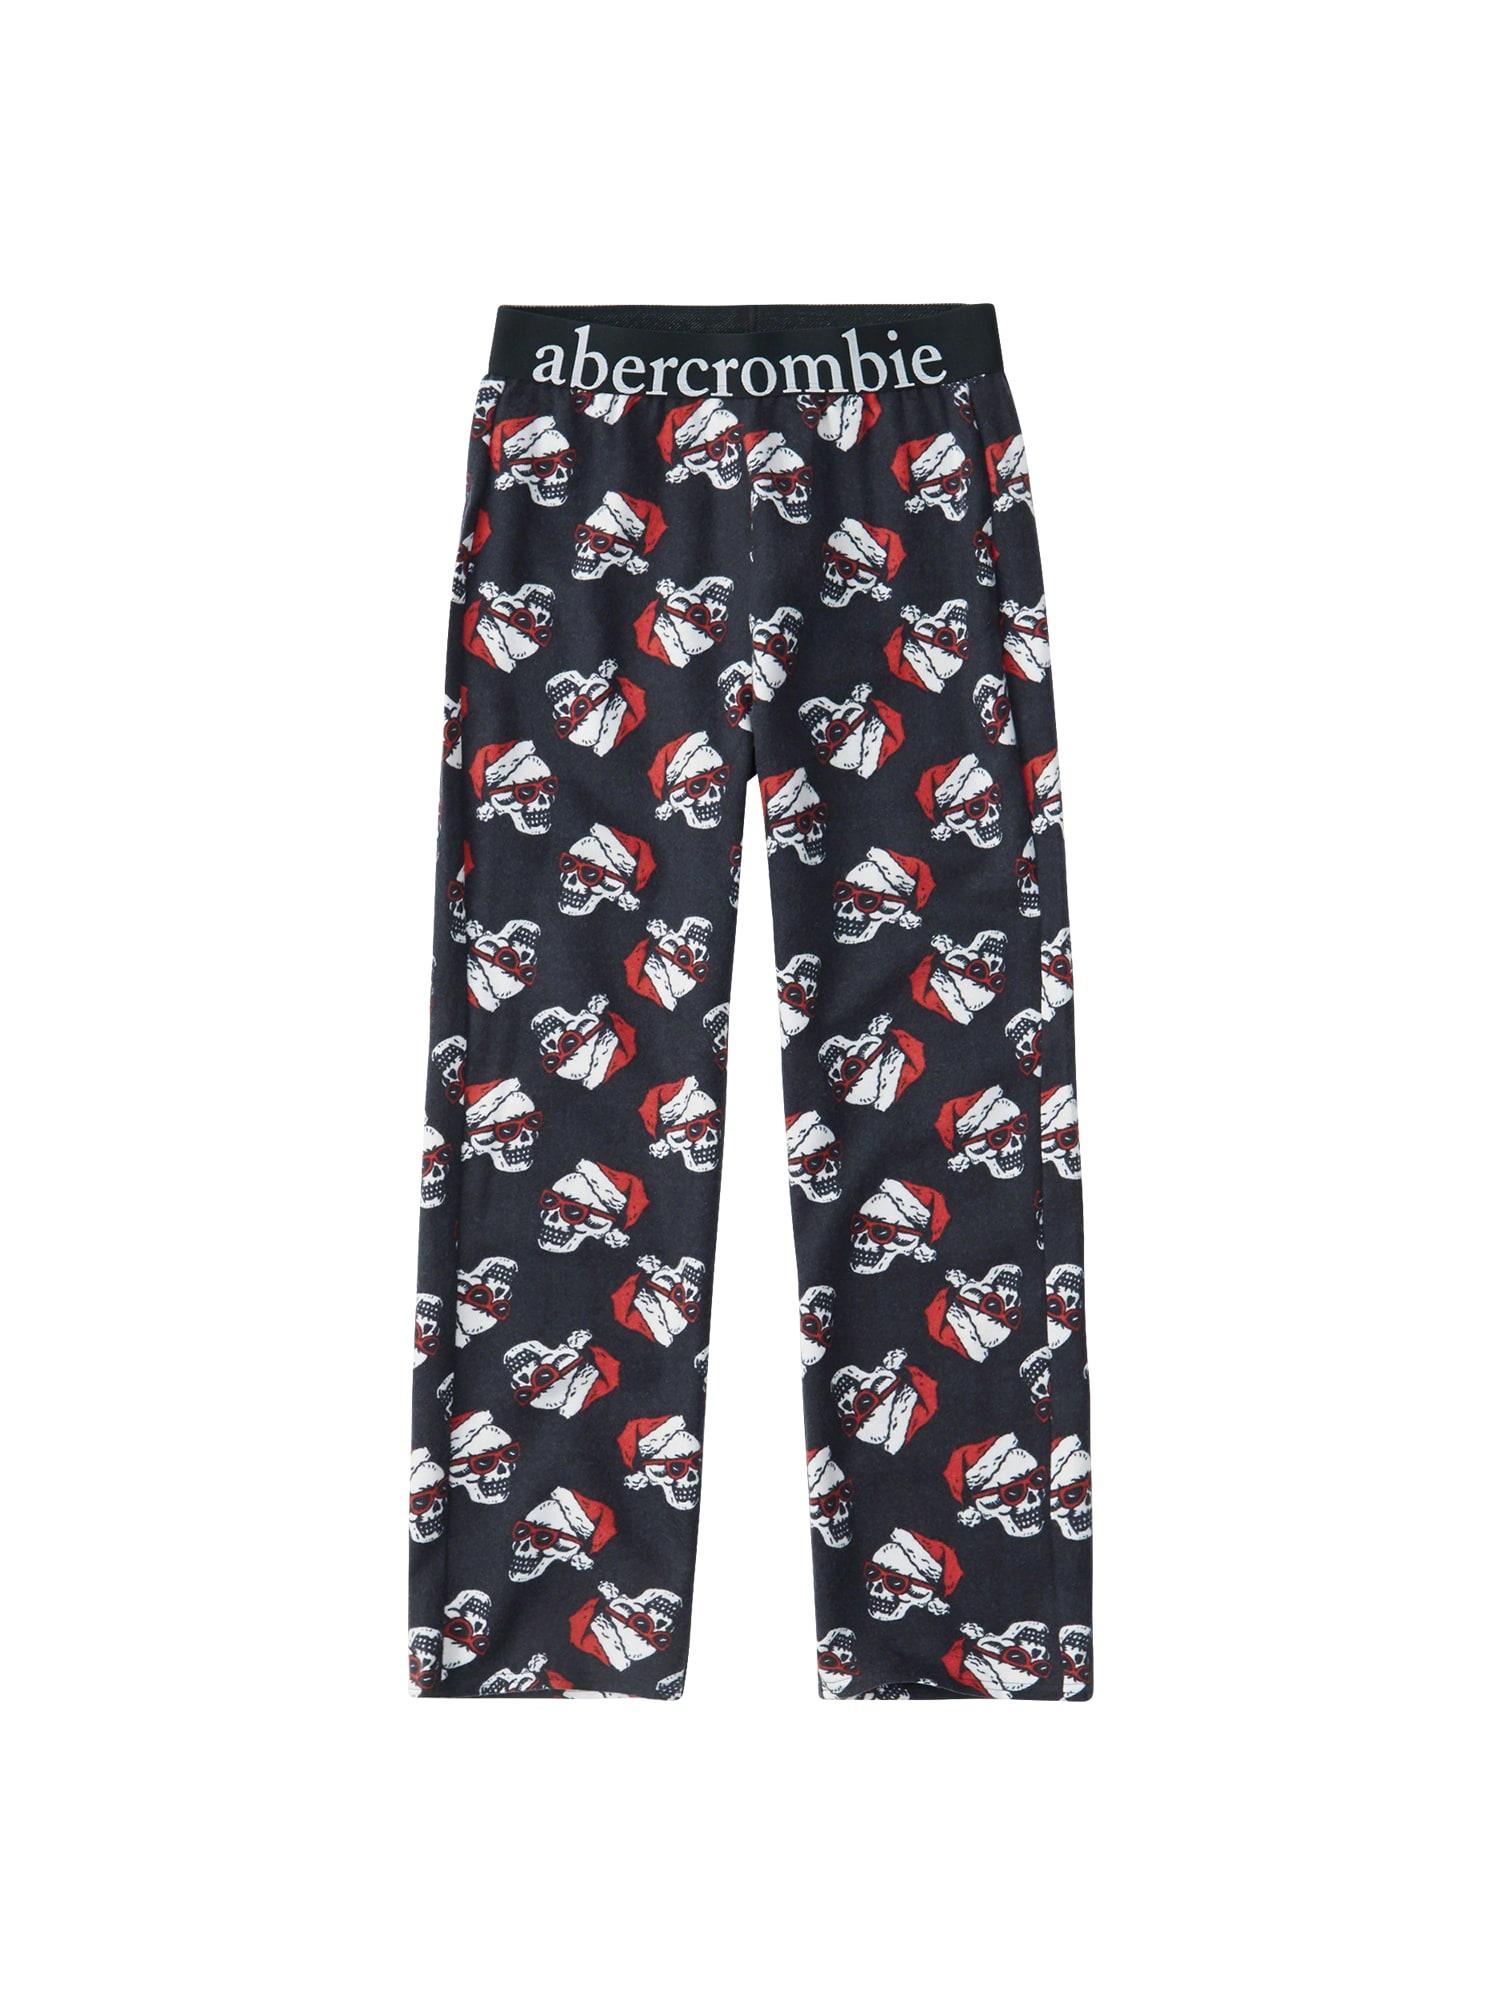 Pyžamo XM18-PERSONALITY SLEEP PANTS námořnická modř Abercrombie & Fitch